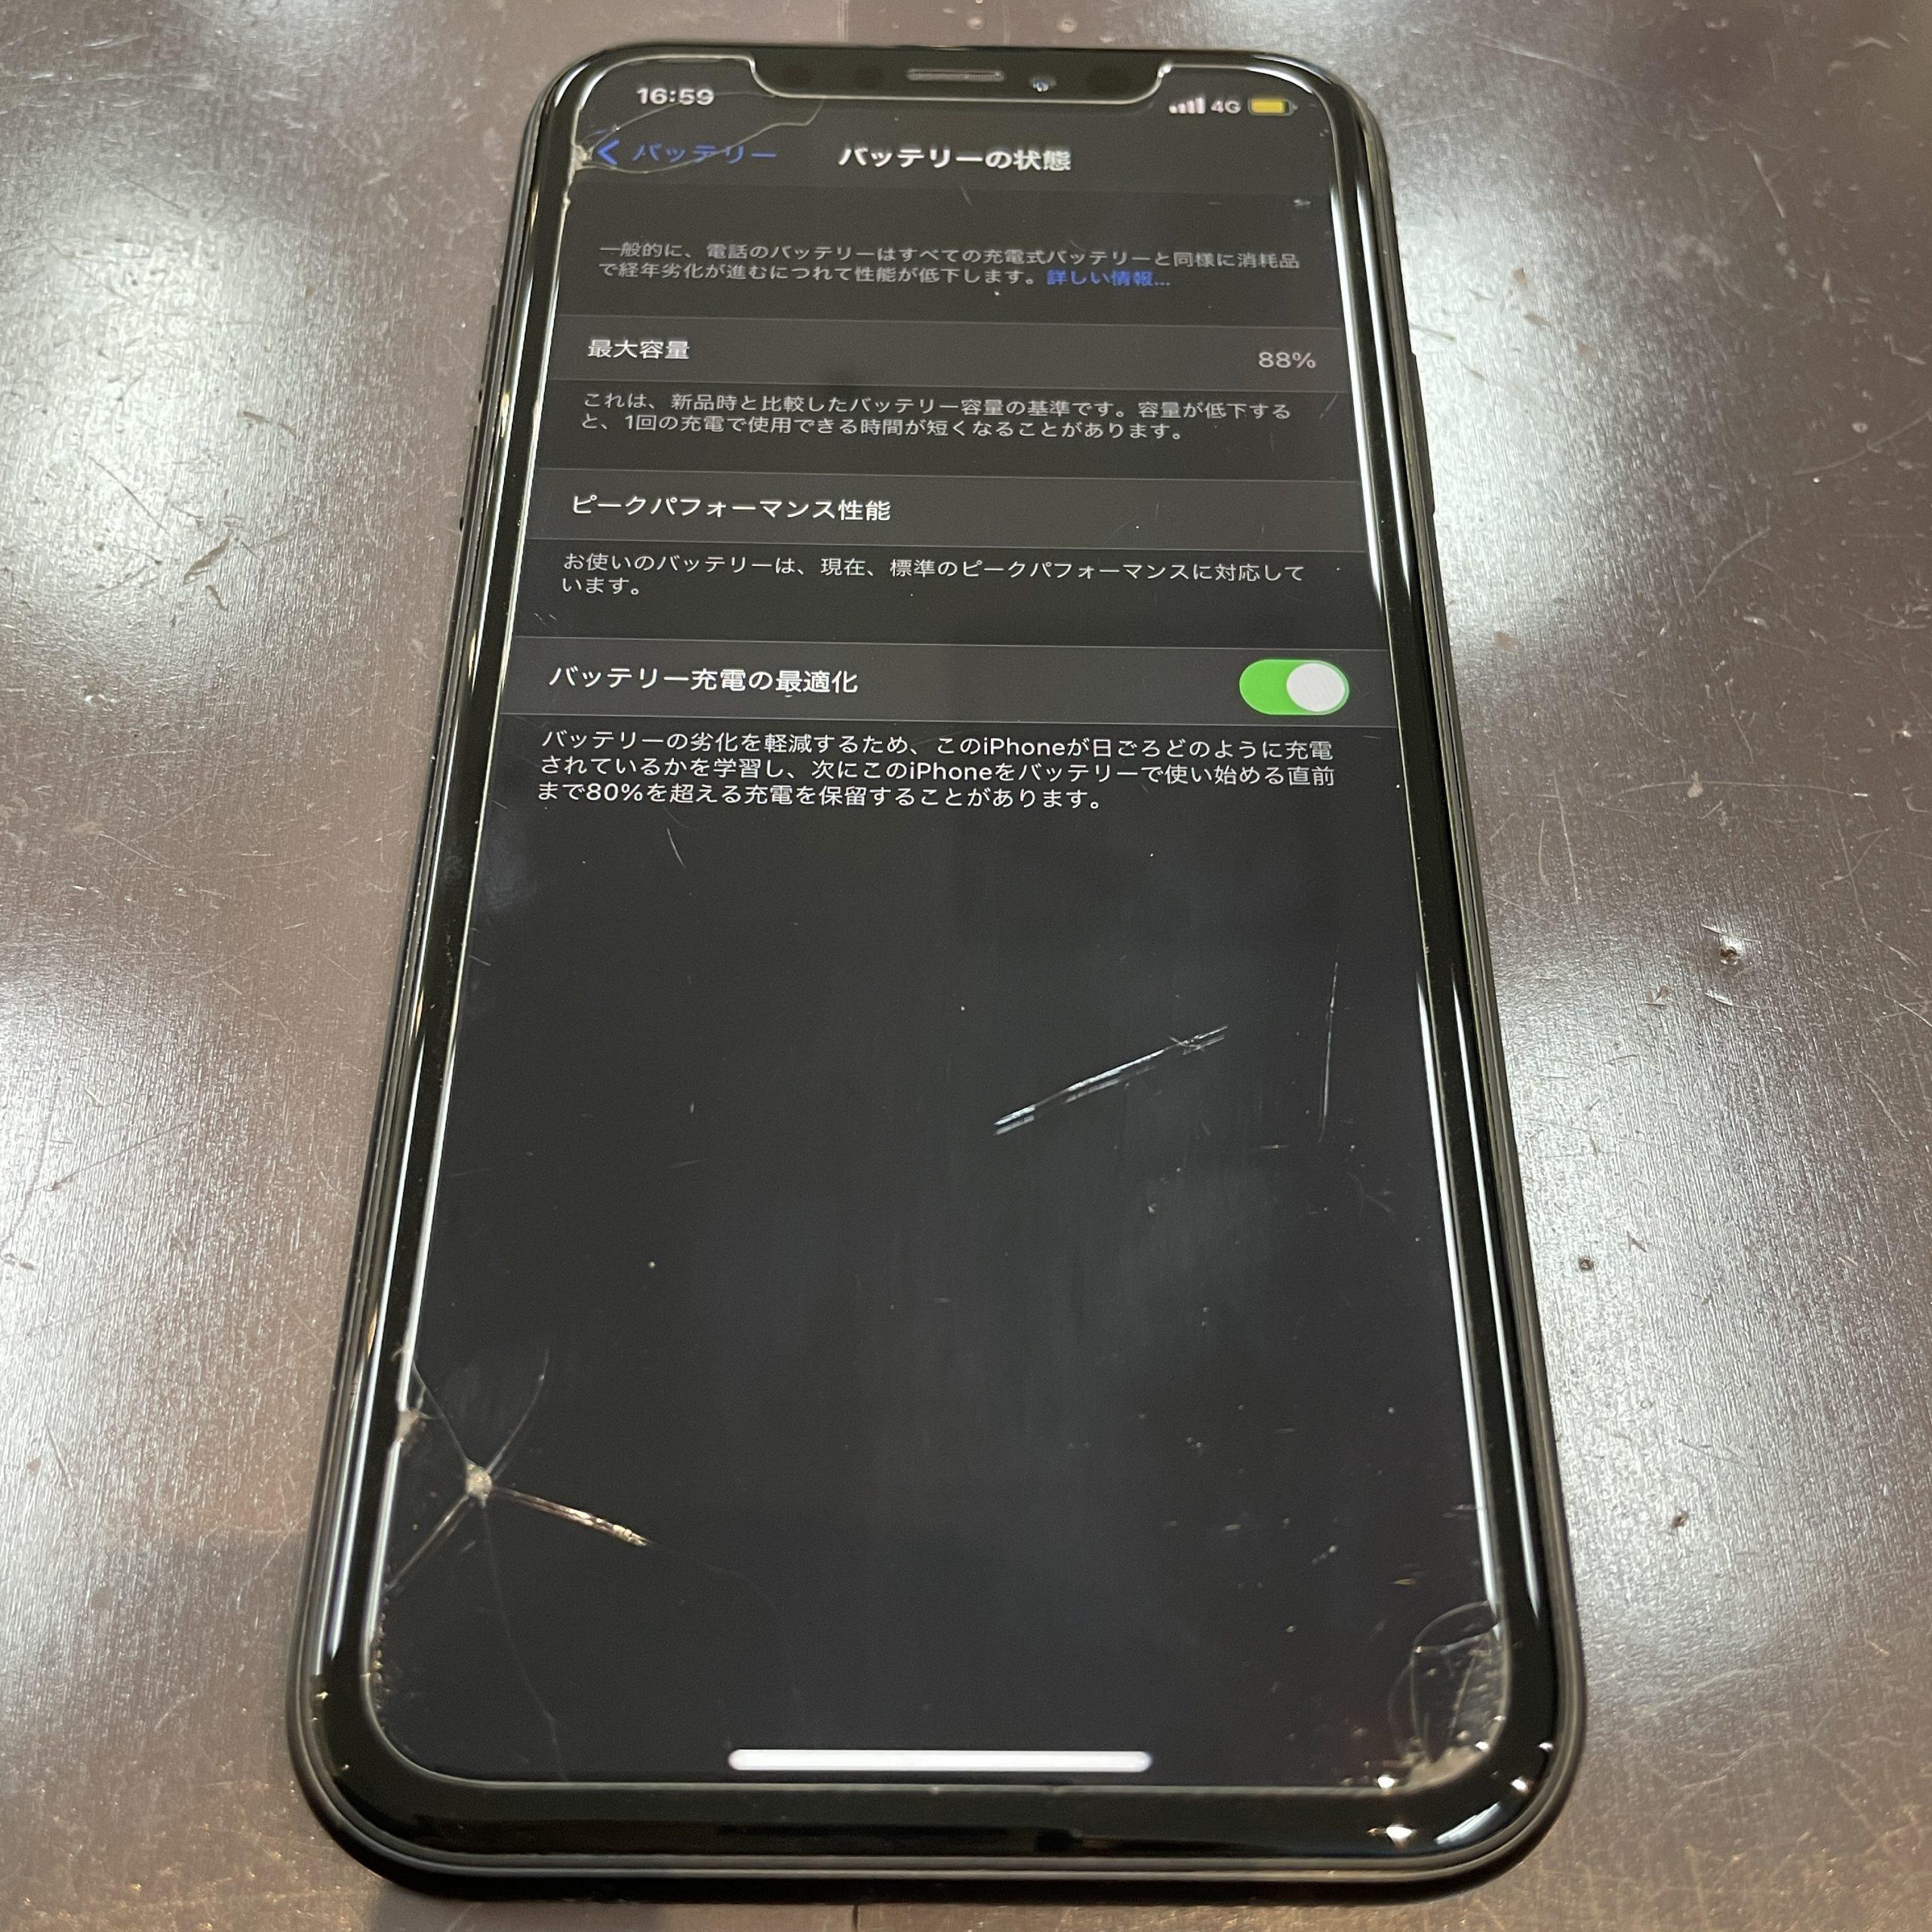 充電の減りが早くなってきた😥【iPhone XR 佐賀市よりご来店】